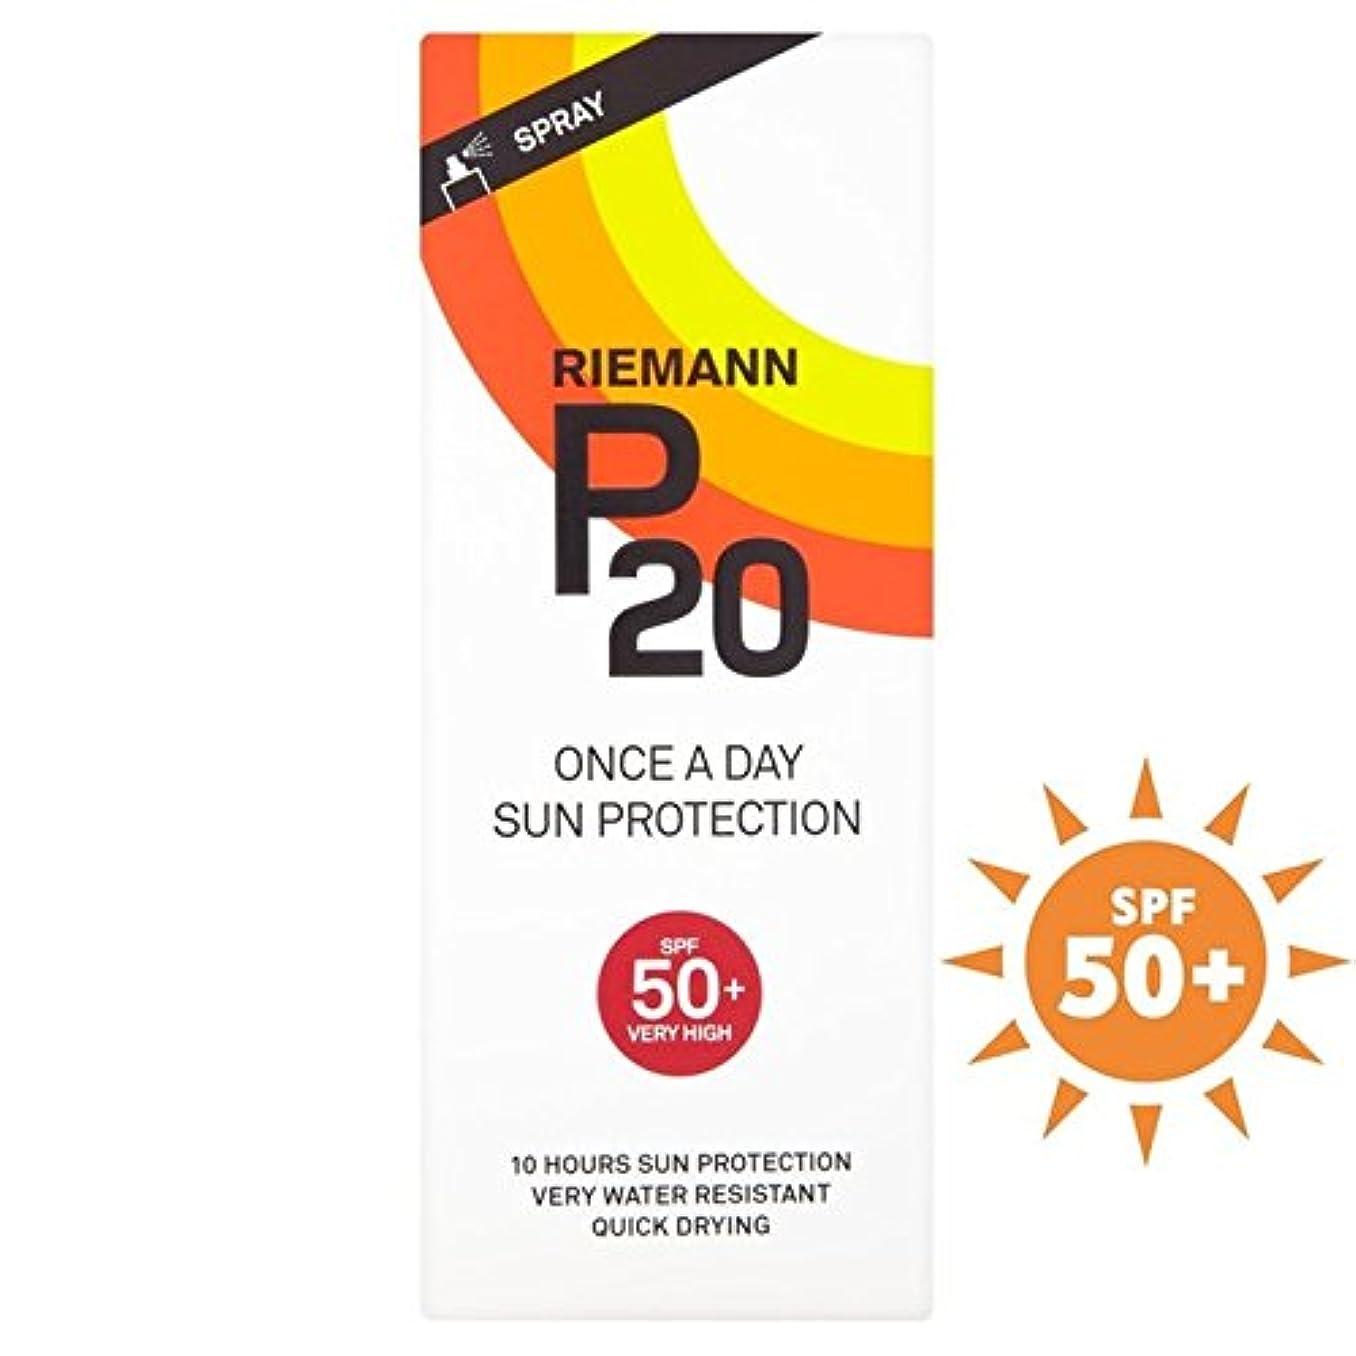 敵対的パーチナシティセグメントRiemann P20 SPF50+ 1 Day/10 Hour Protection 200ml - リーマン20の50 + 1日/ 10時間の保護200ミリリットル [並行輸入品]